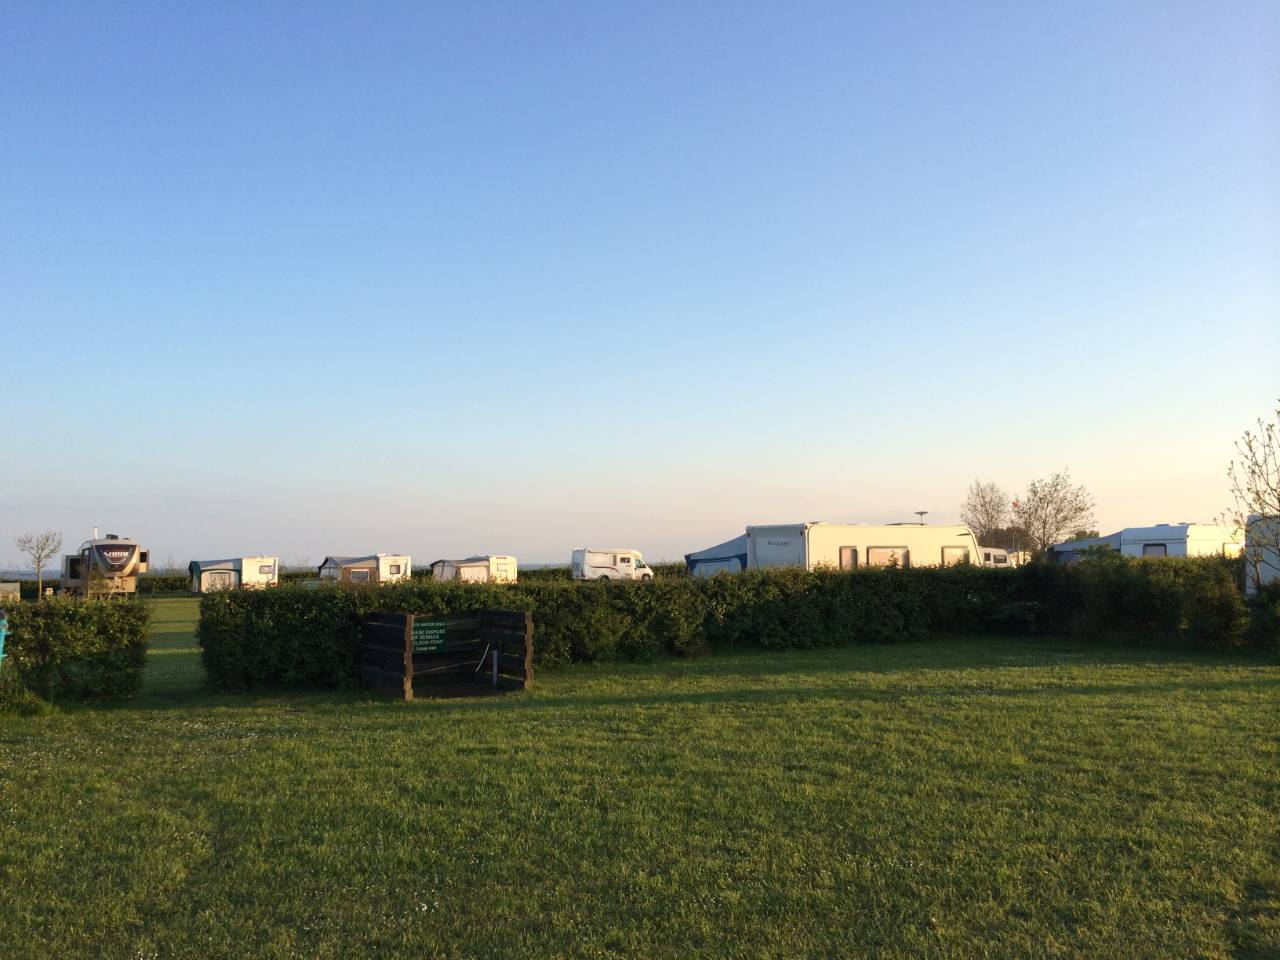 Location: Fen Farm